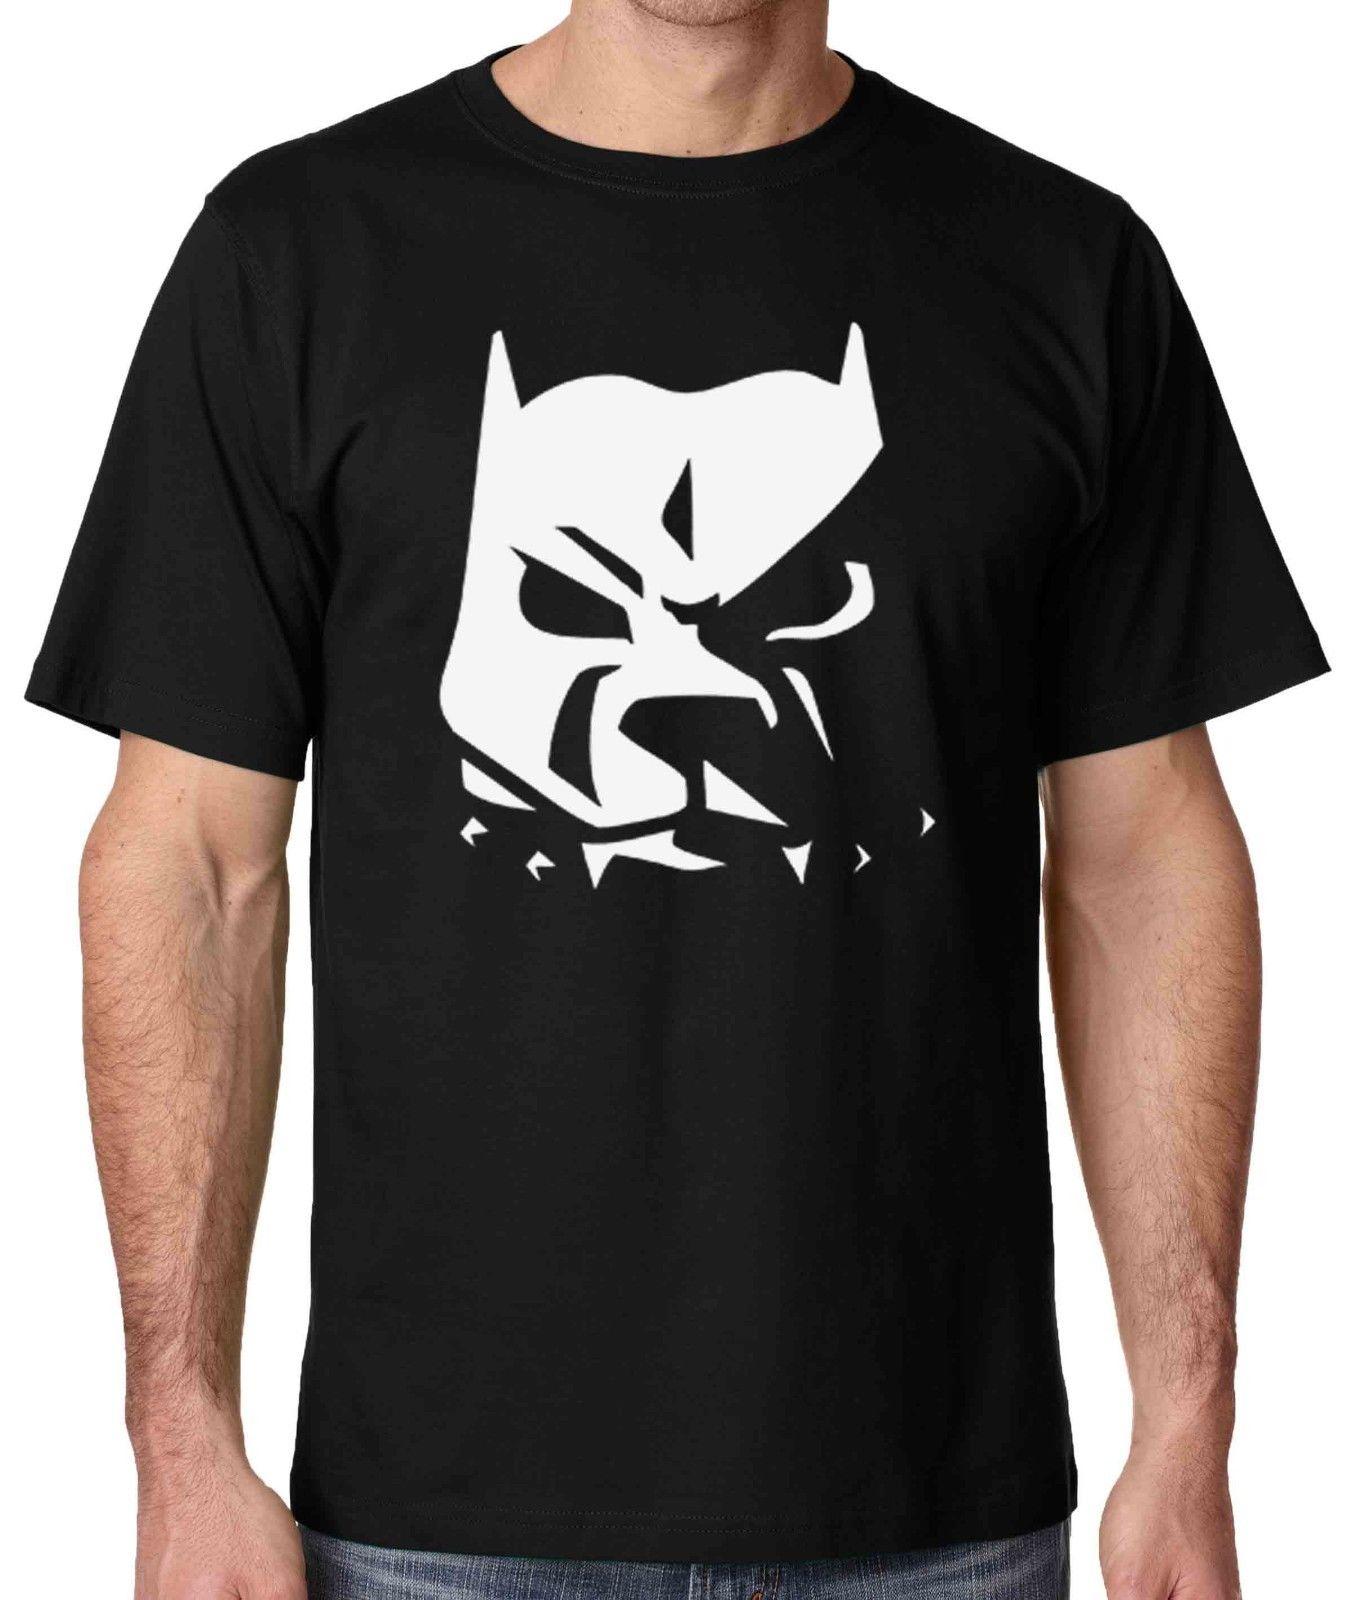 ФРС питбуль Уход за кожей лица Для Мужчинs Pitbull футболка хулигана рубашка Размеры SM-5x футболка Стиль Винтаж Футболки для девочек короткий ру...